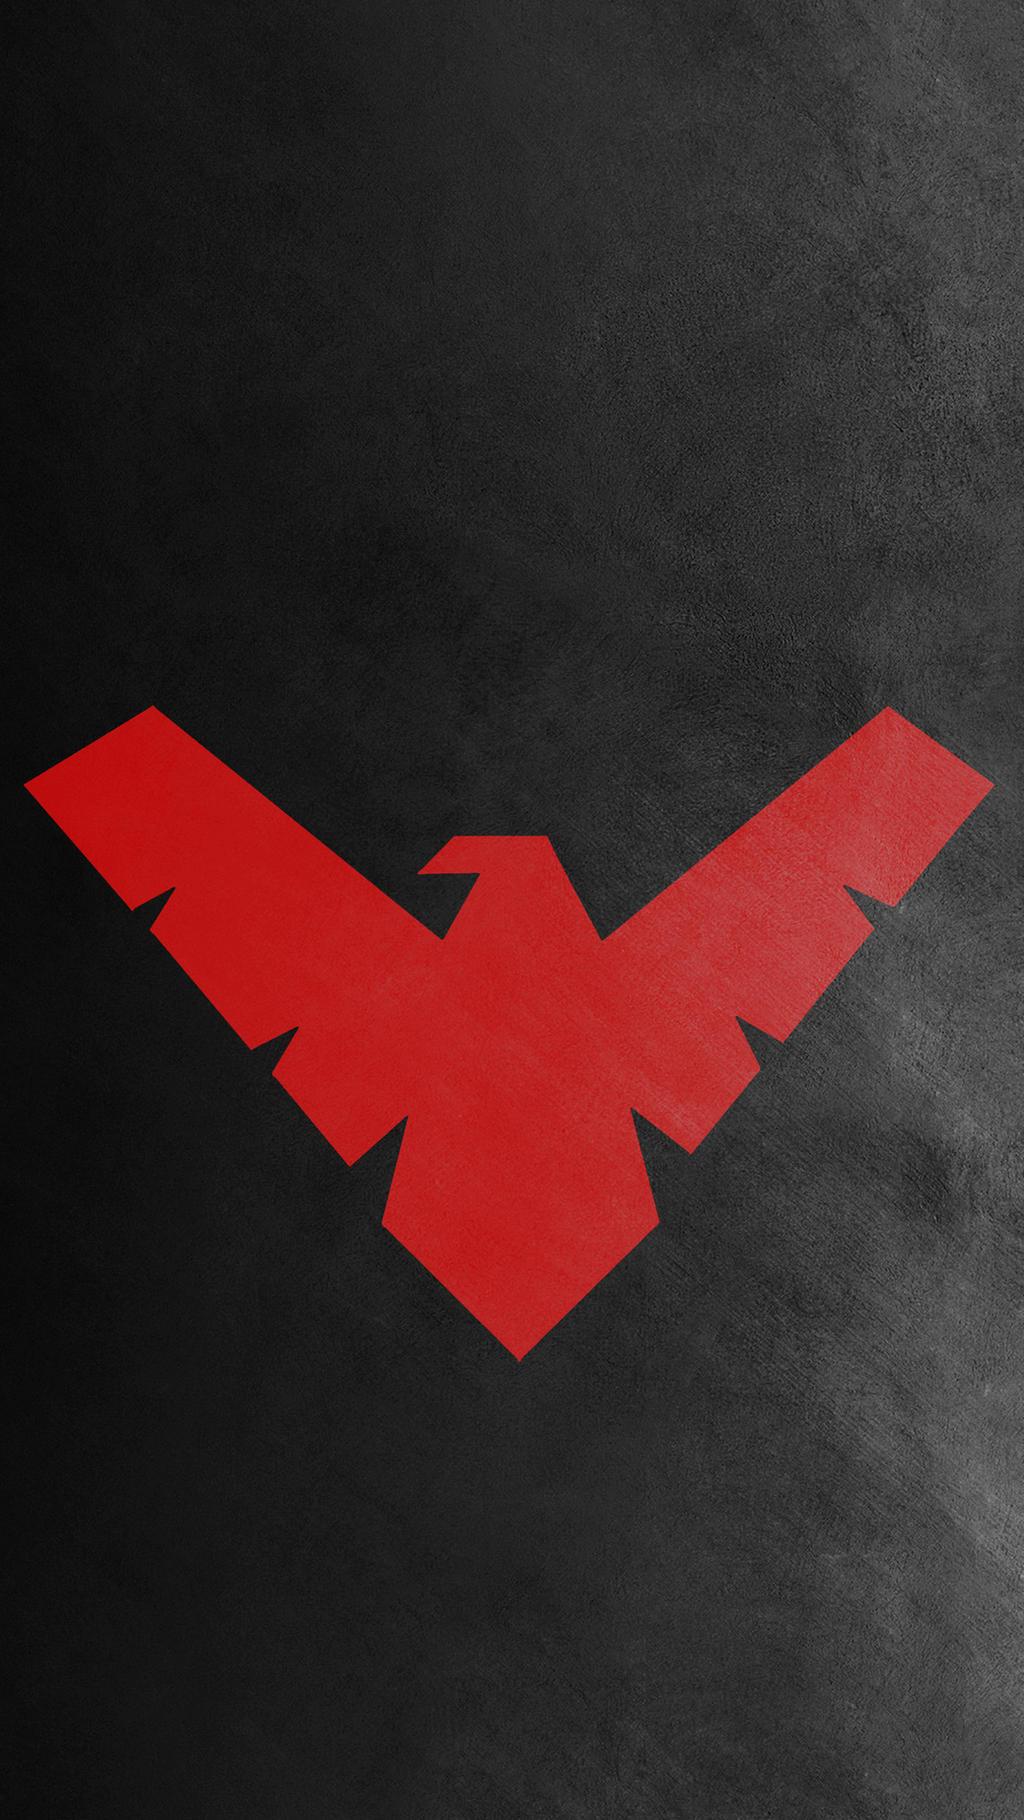 nightwing red logo wallpaper - photo #16